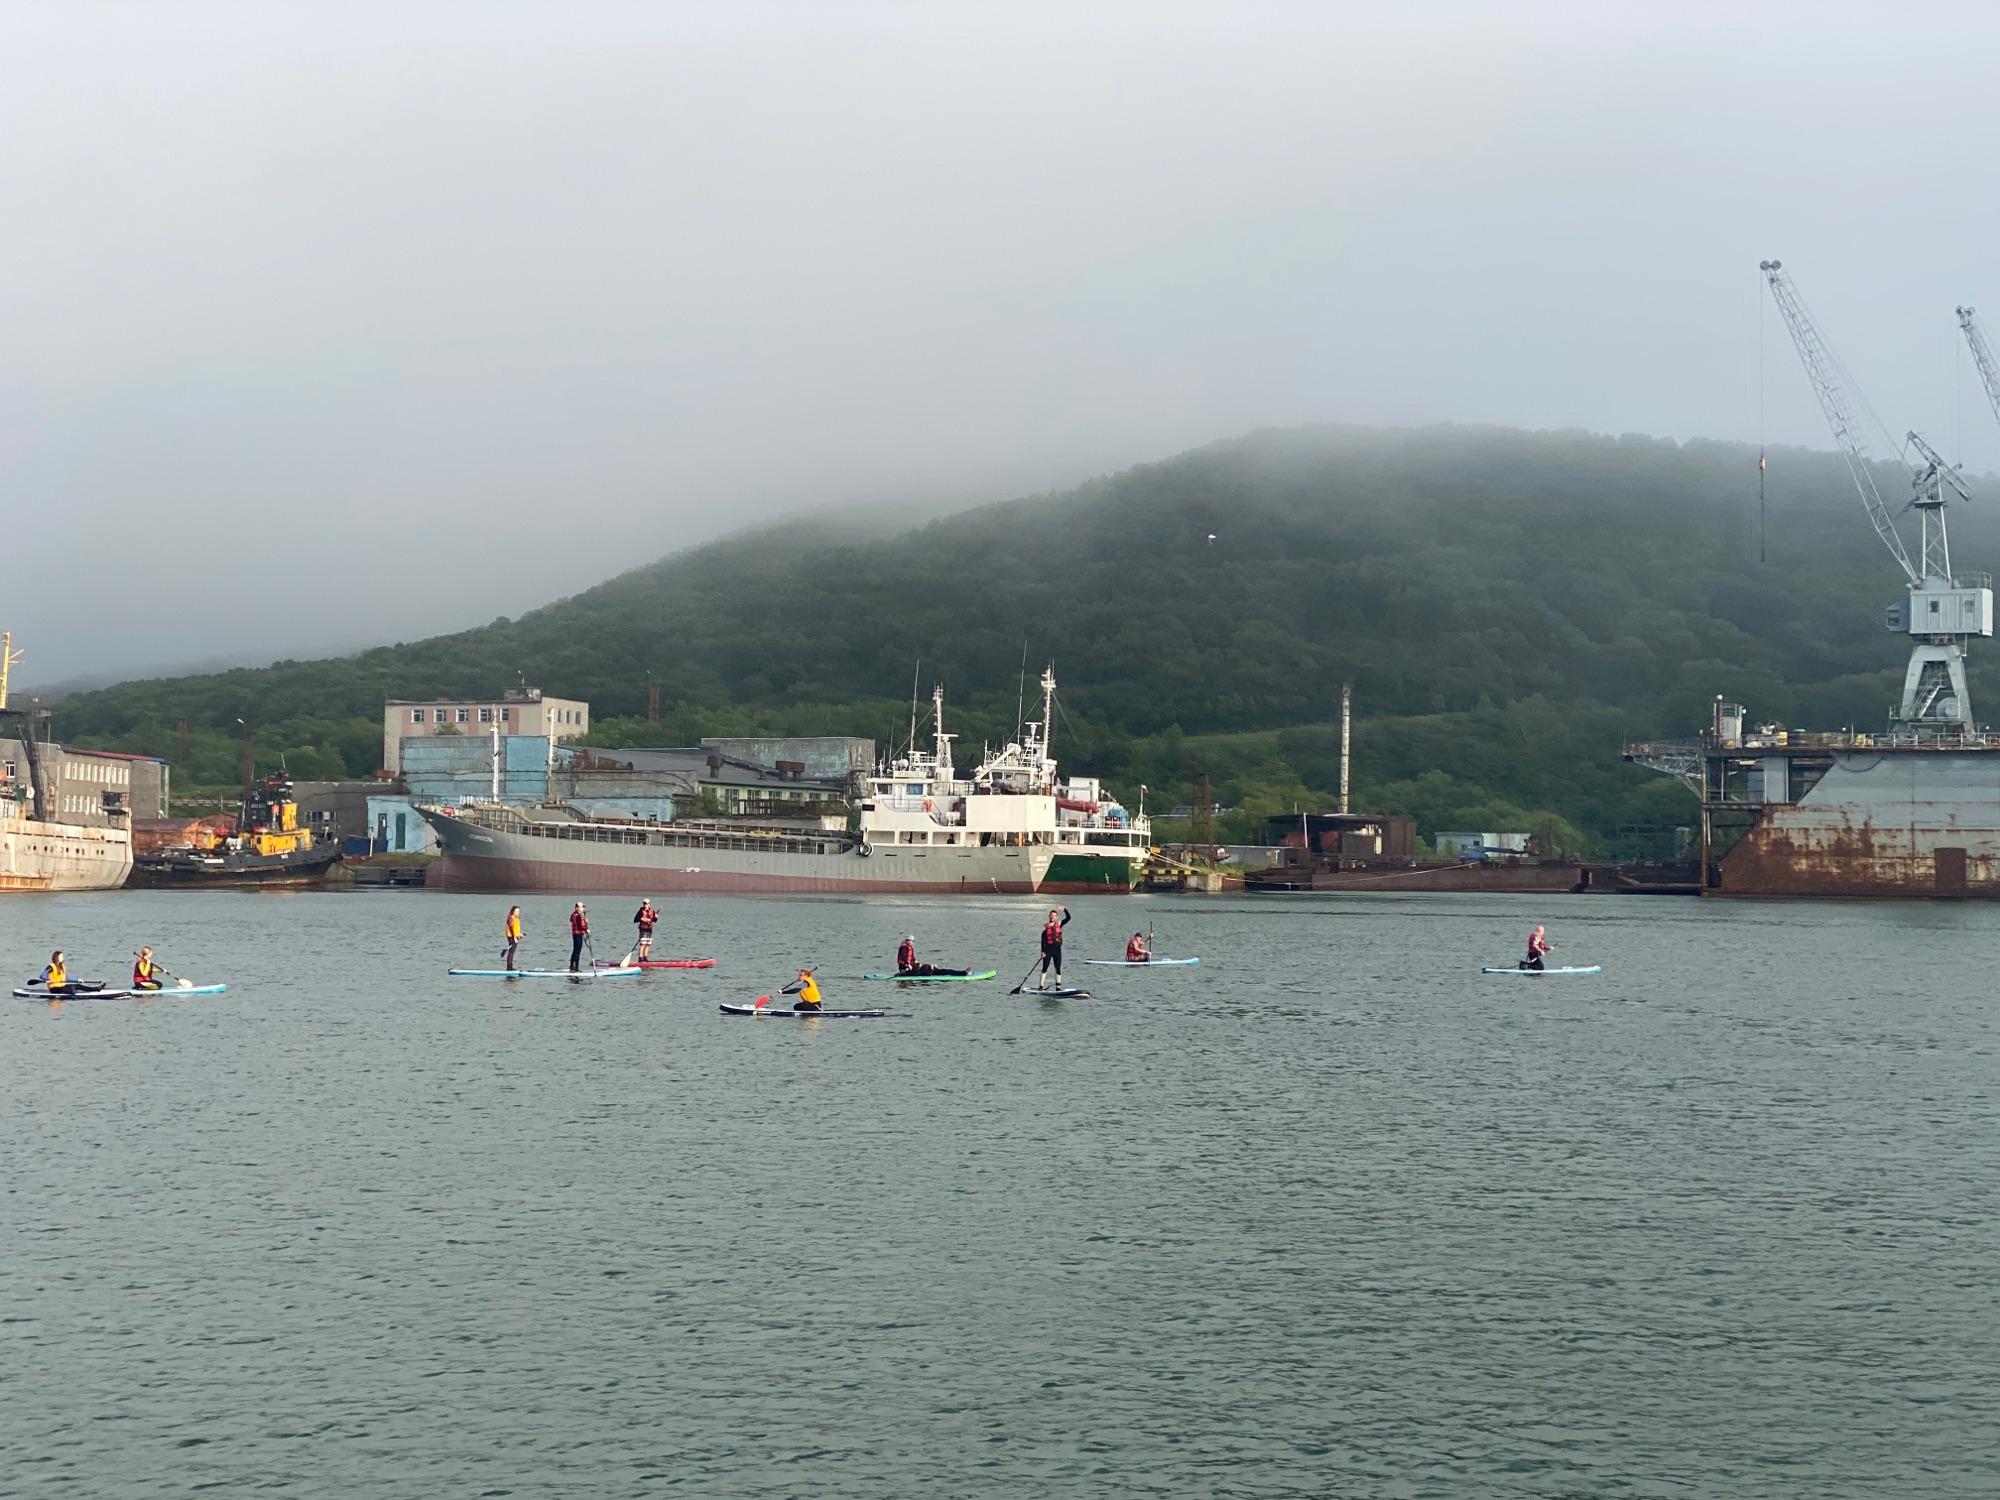 Когда заходили в порт, увидели группу людей на сапах и каяках, которые плыли куда-то в закат